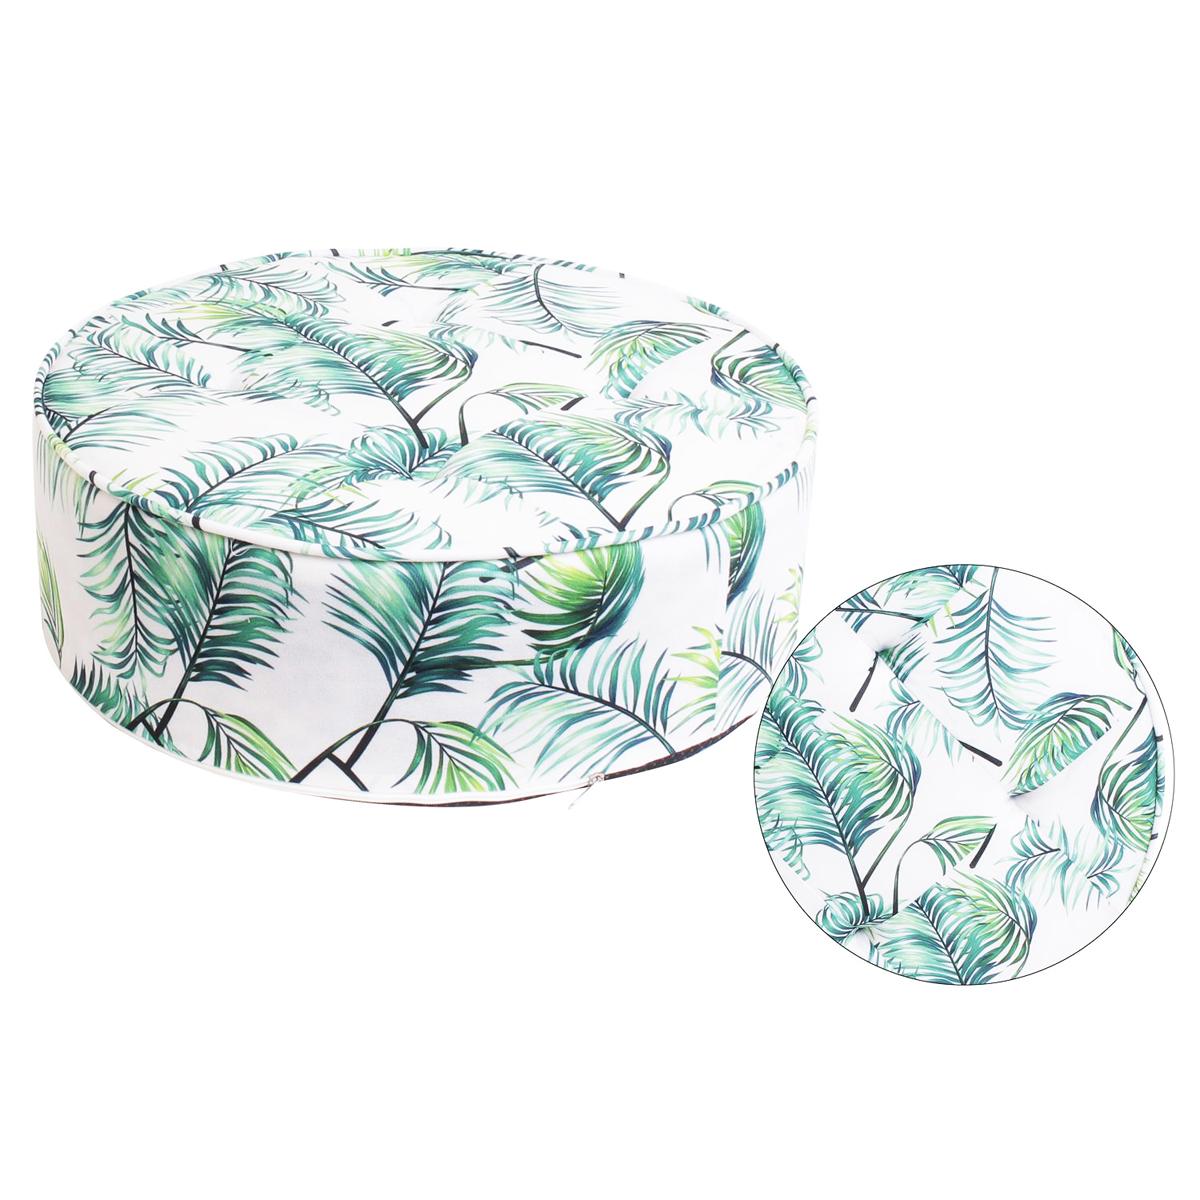 Coussin de sol / pouf galette \'Jungle\' vert blanc - 50 cm - [Q1679]